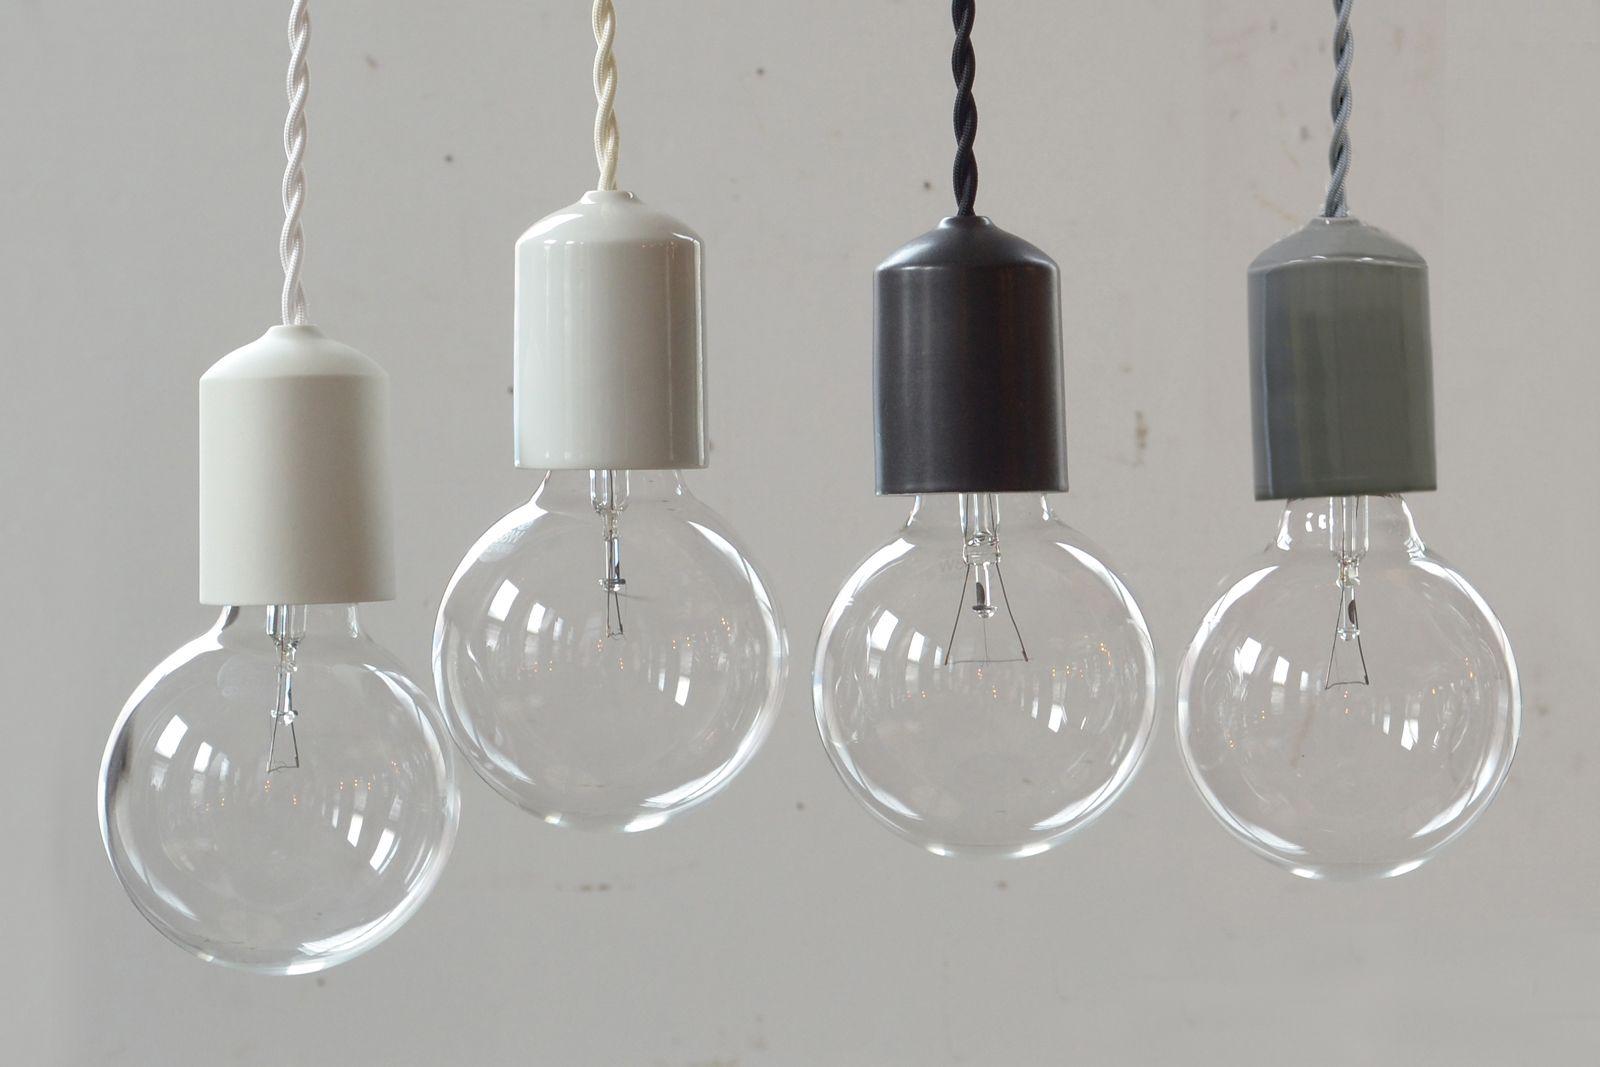 ソケットの素材にこだわった裸電球照明 ラインナップは陶器 桜の木